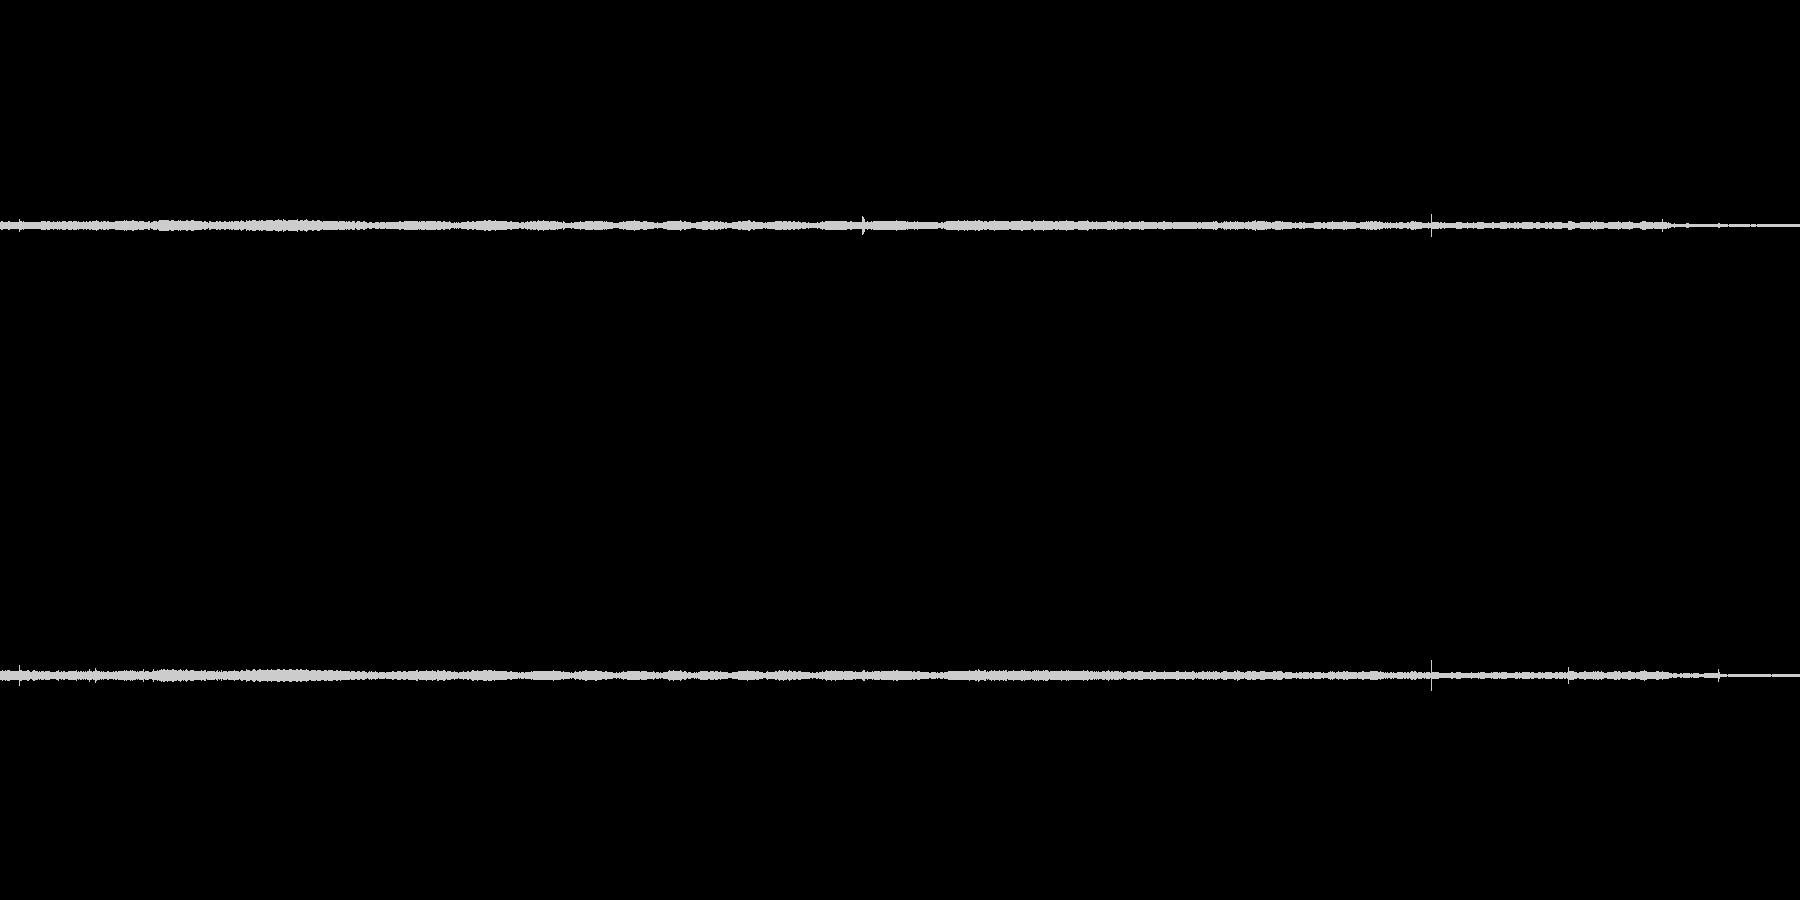 換気扇の動作音の未再生の波形